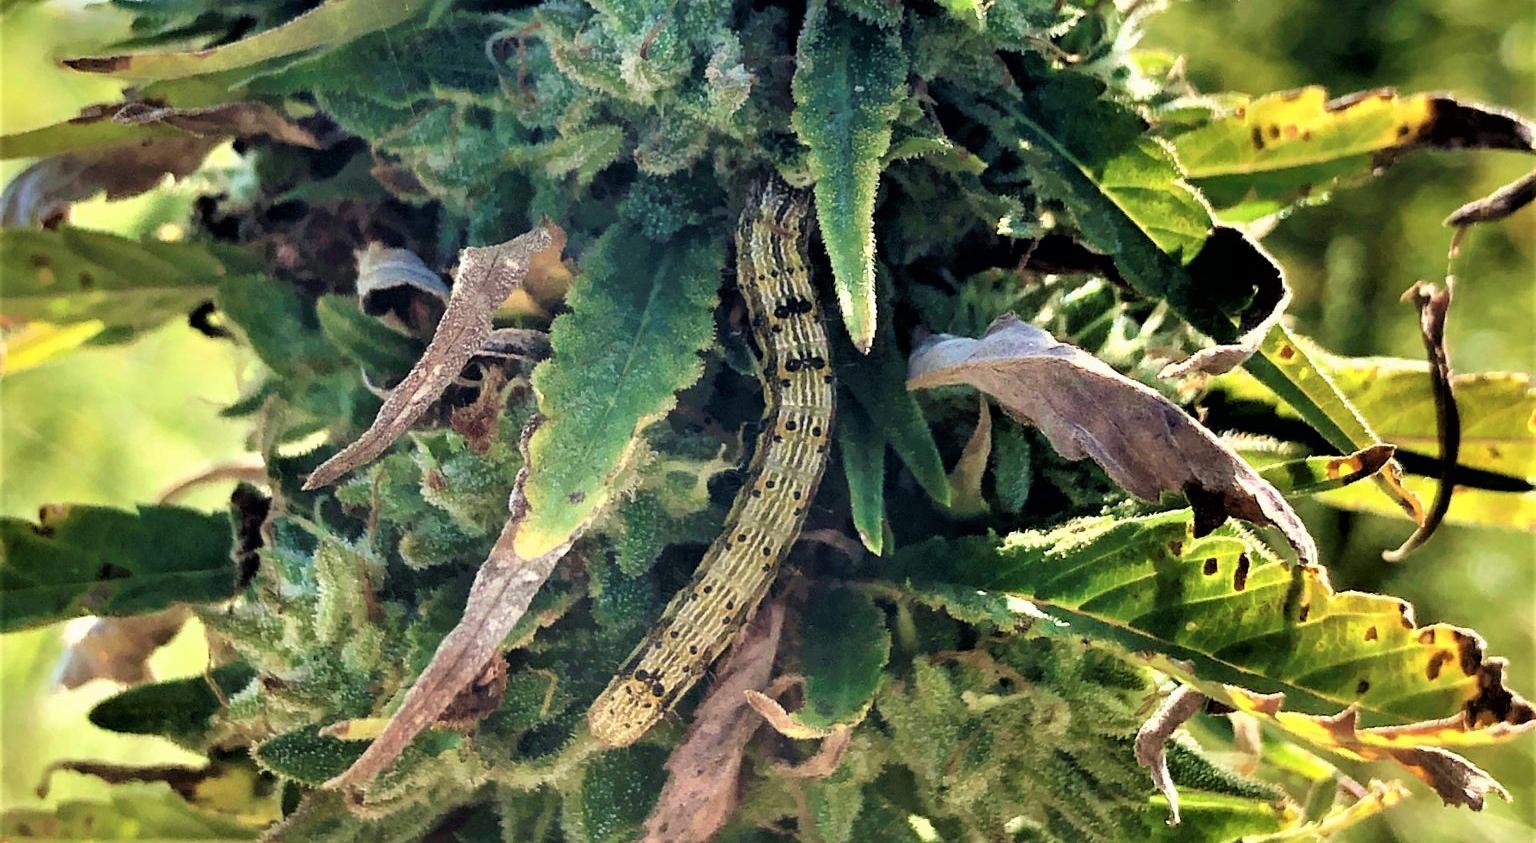 Corn earworm in hemp flower